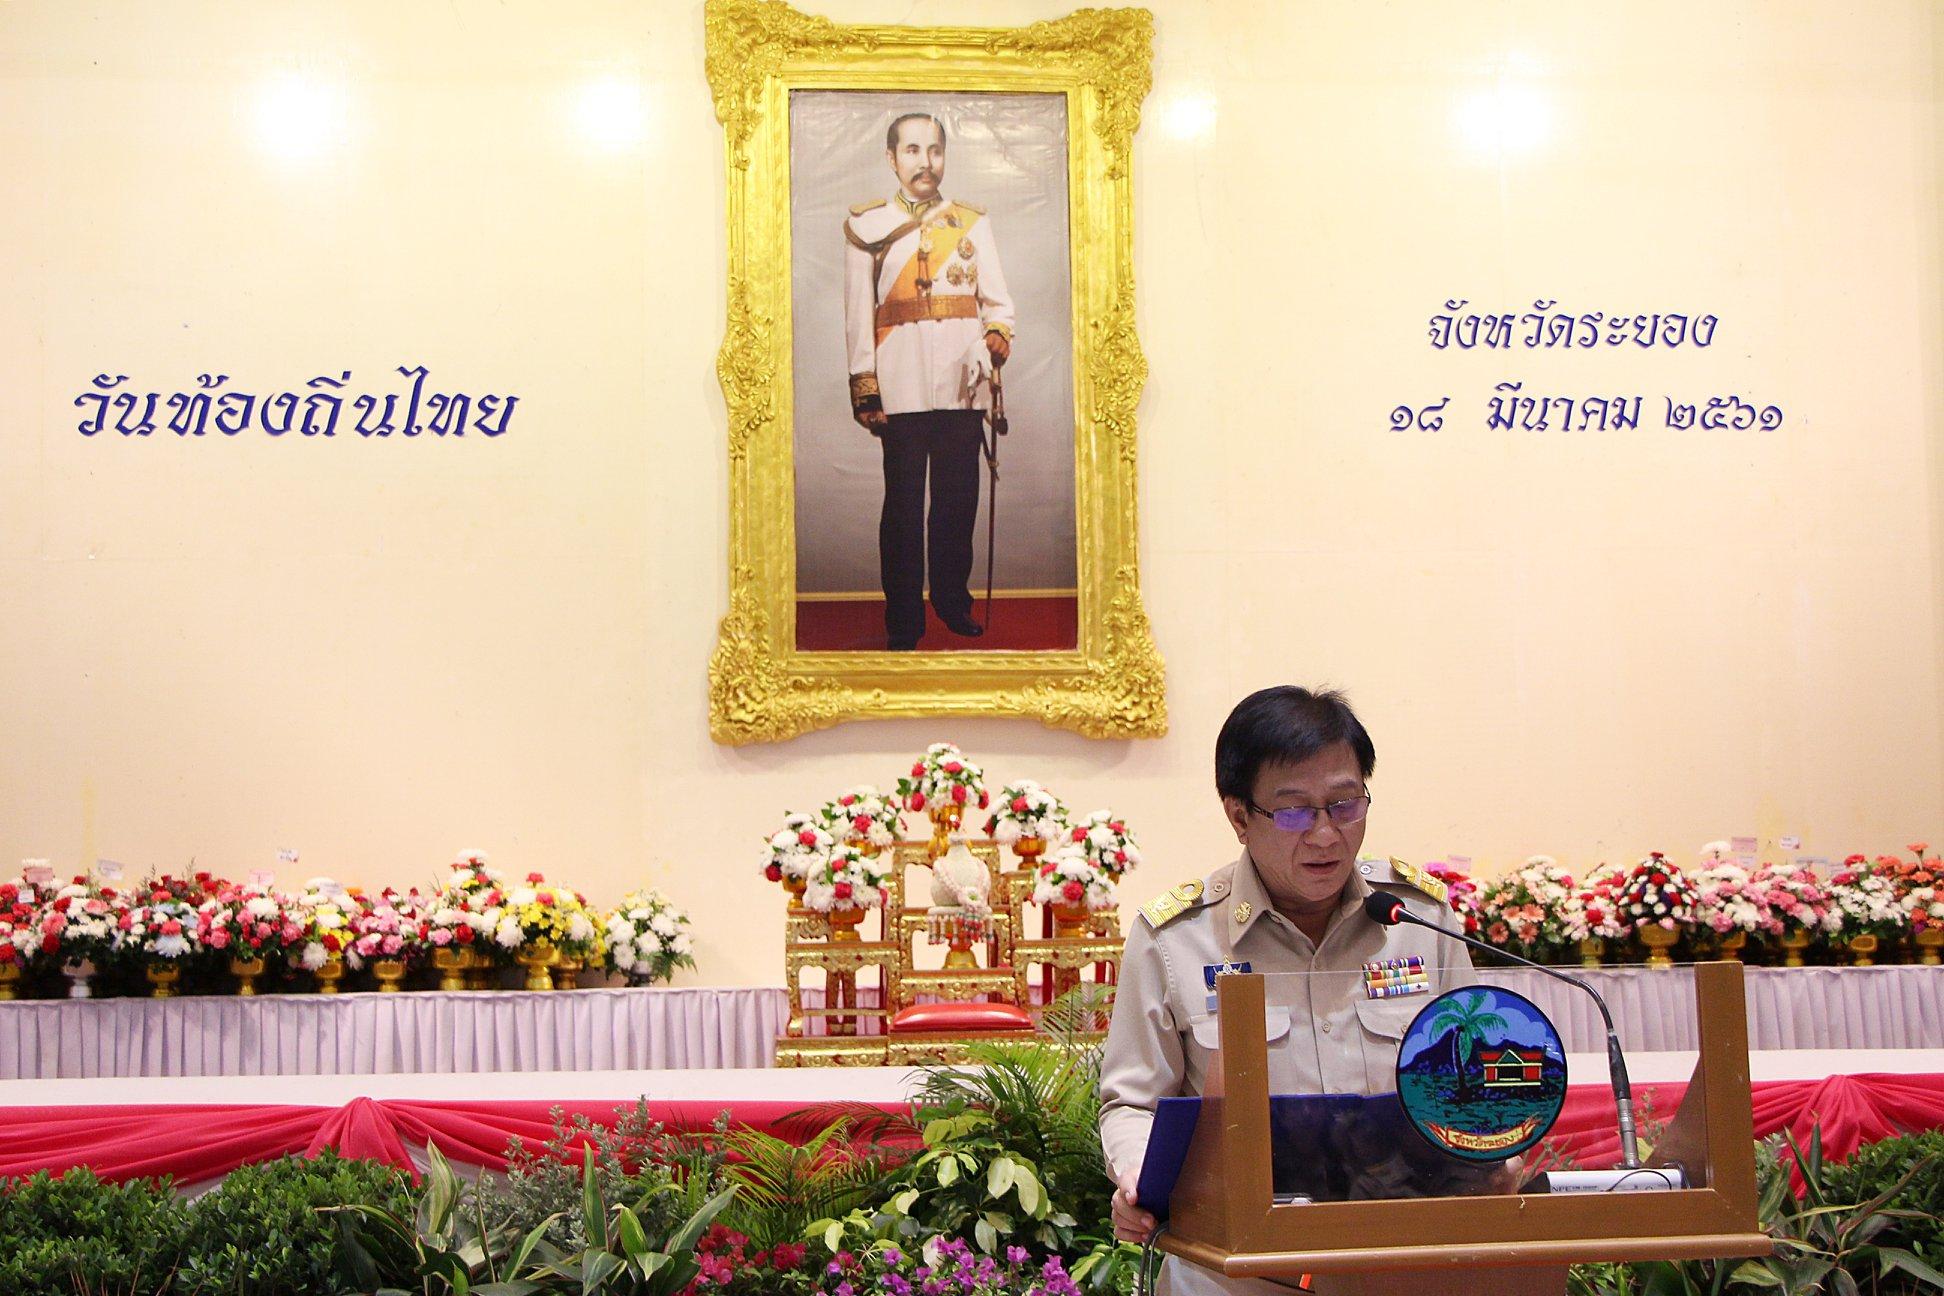 วันท้องถิ่นไทย ประจำปี 2561